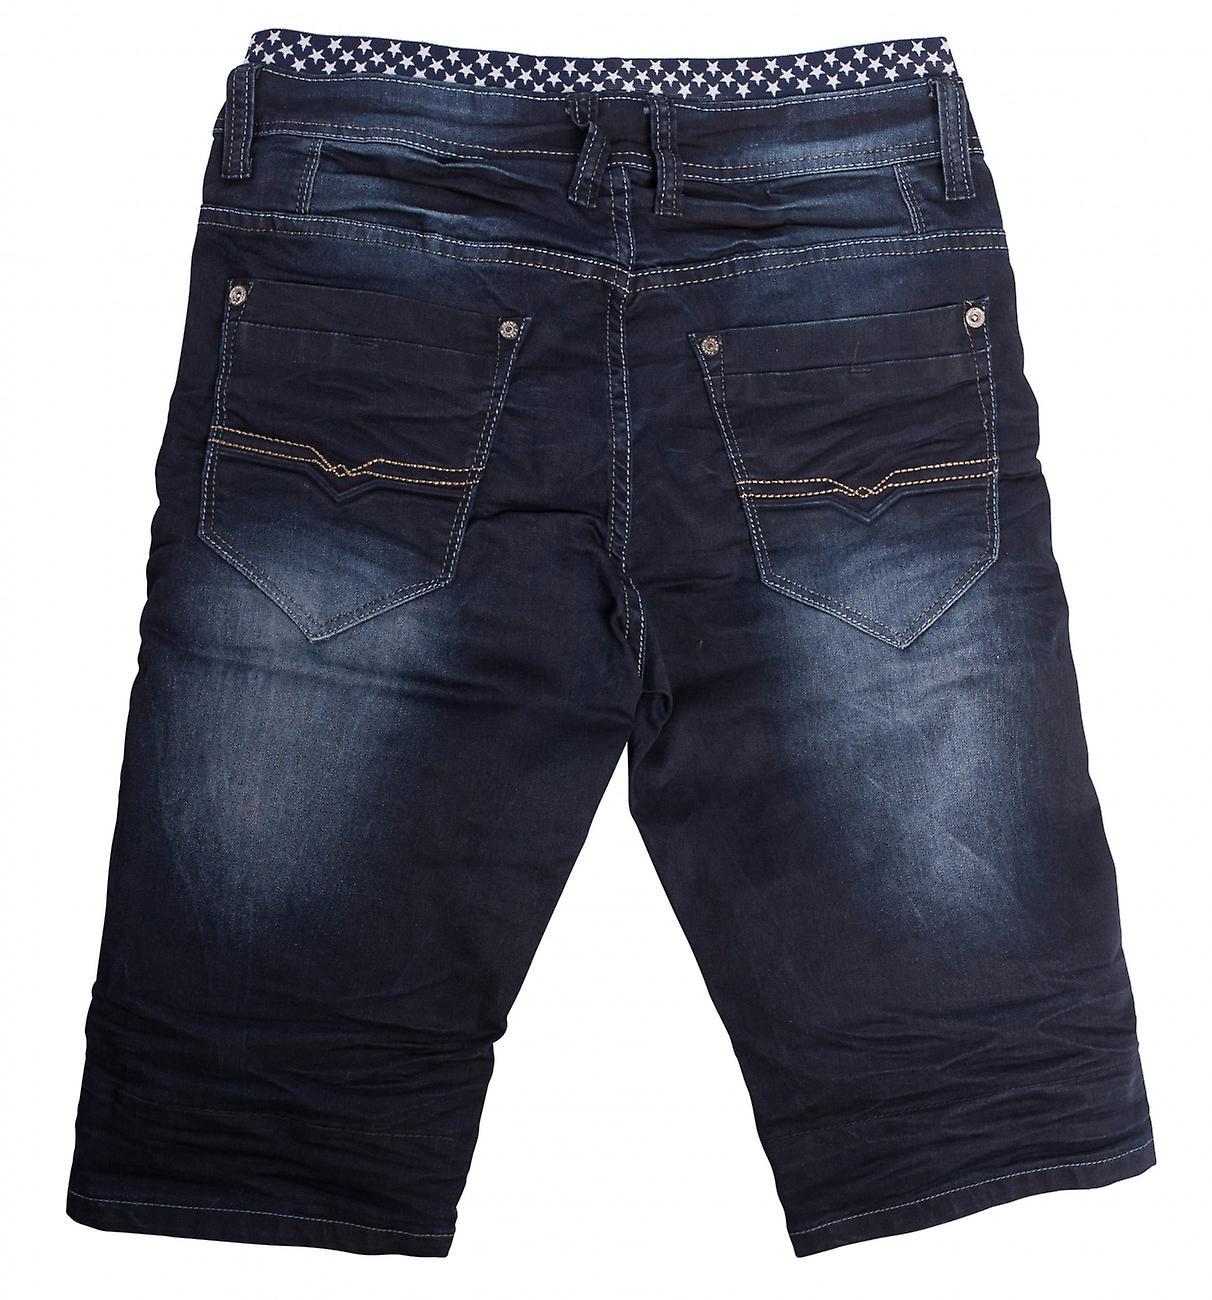 De Jogging Denim Jeans hommes pantalons pantalons Shorts Boxer Slim Jeans Stone Washed utilisés iXbd4E